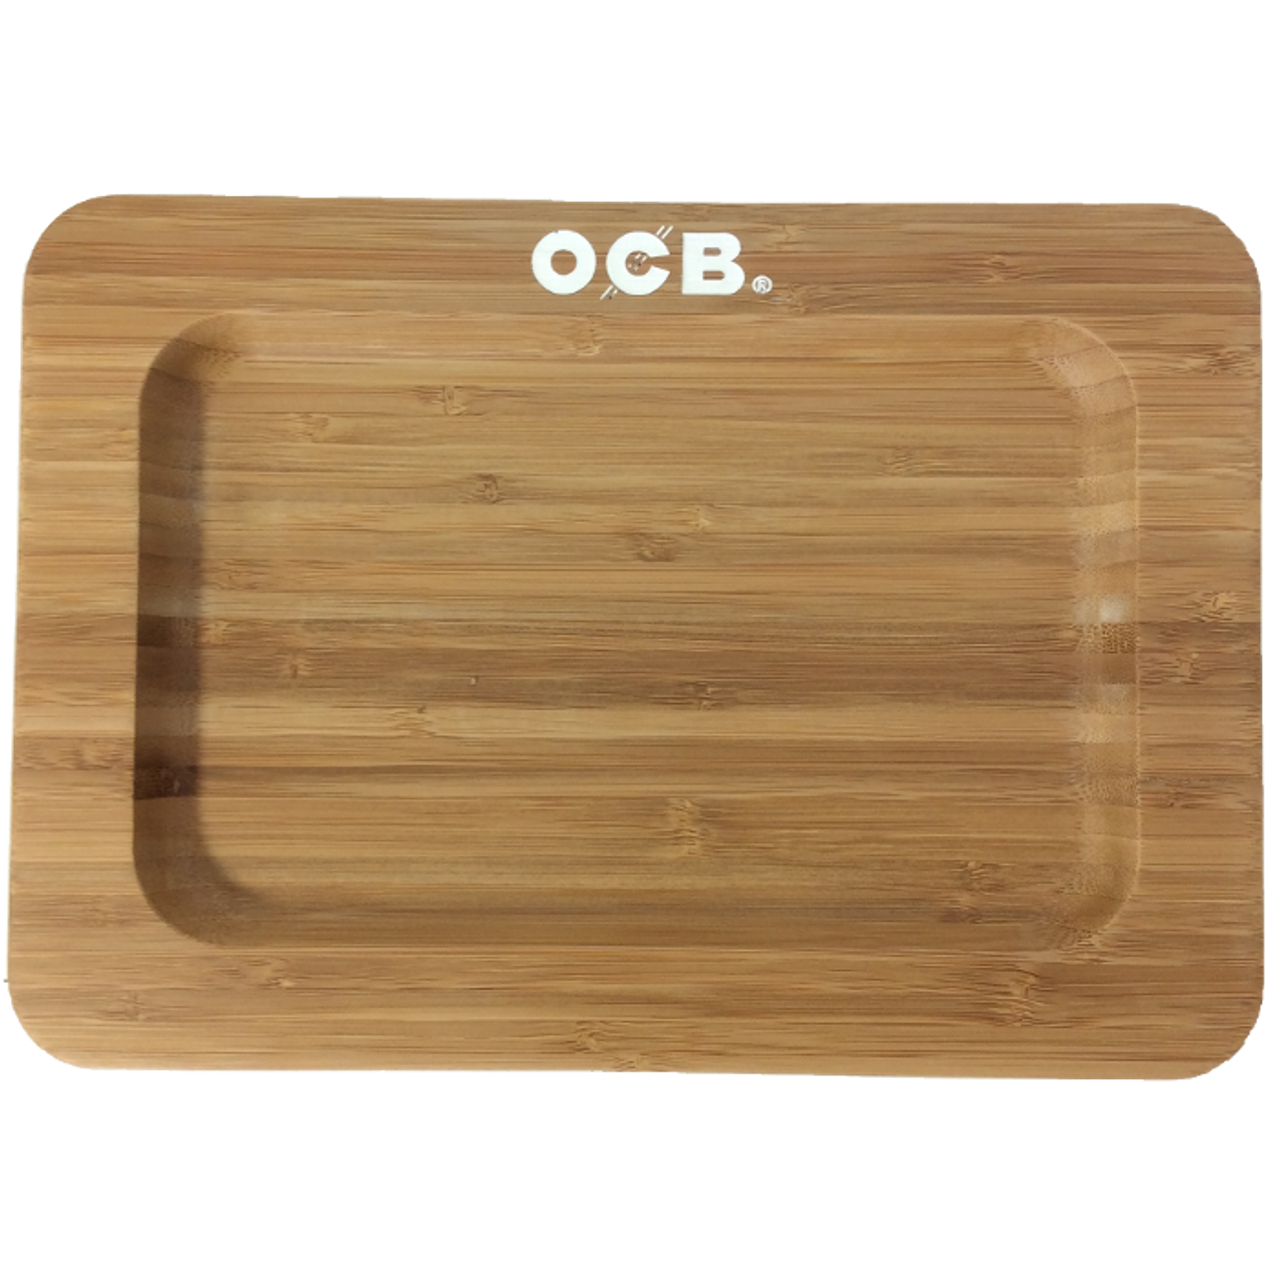 OCB - Wood Tray - Bamboo